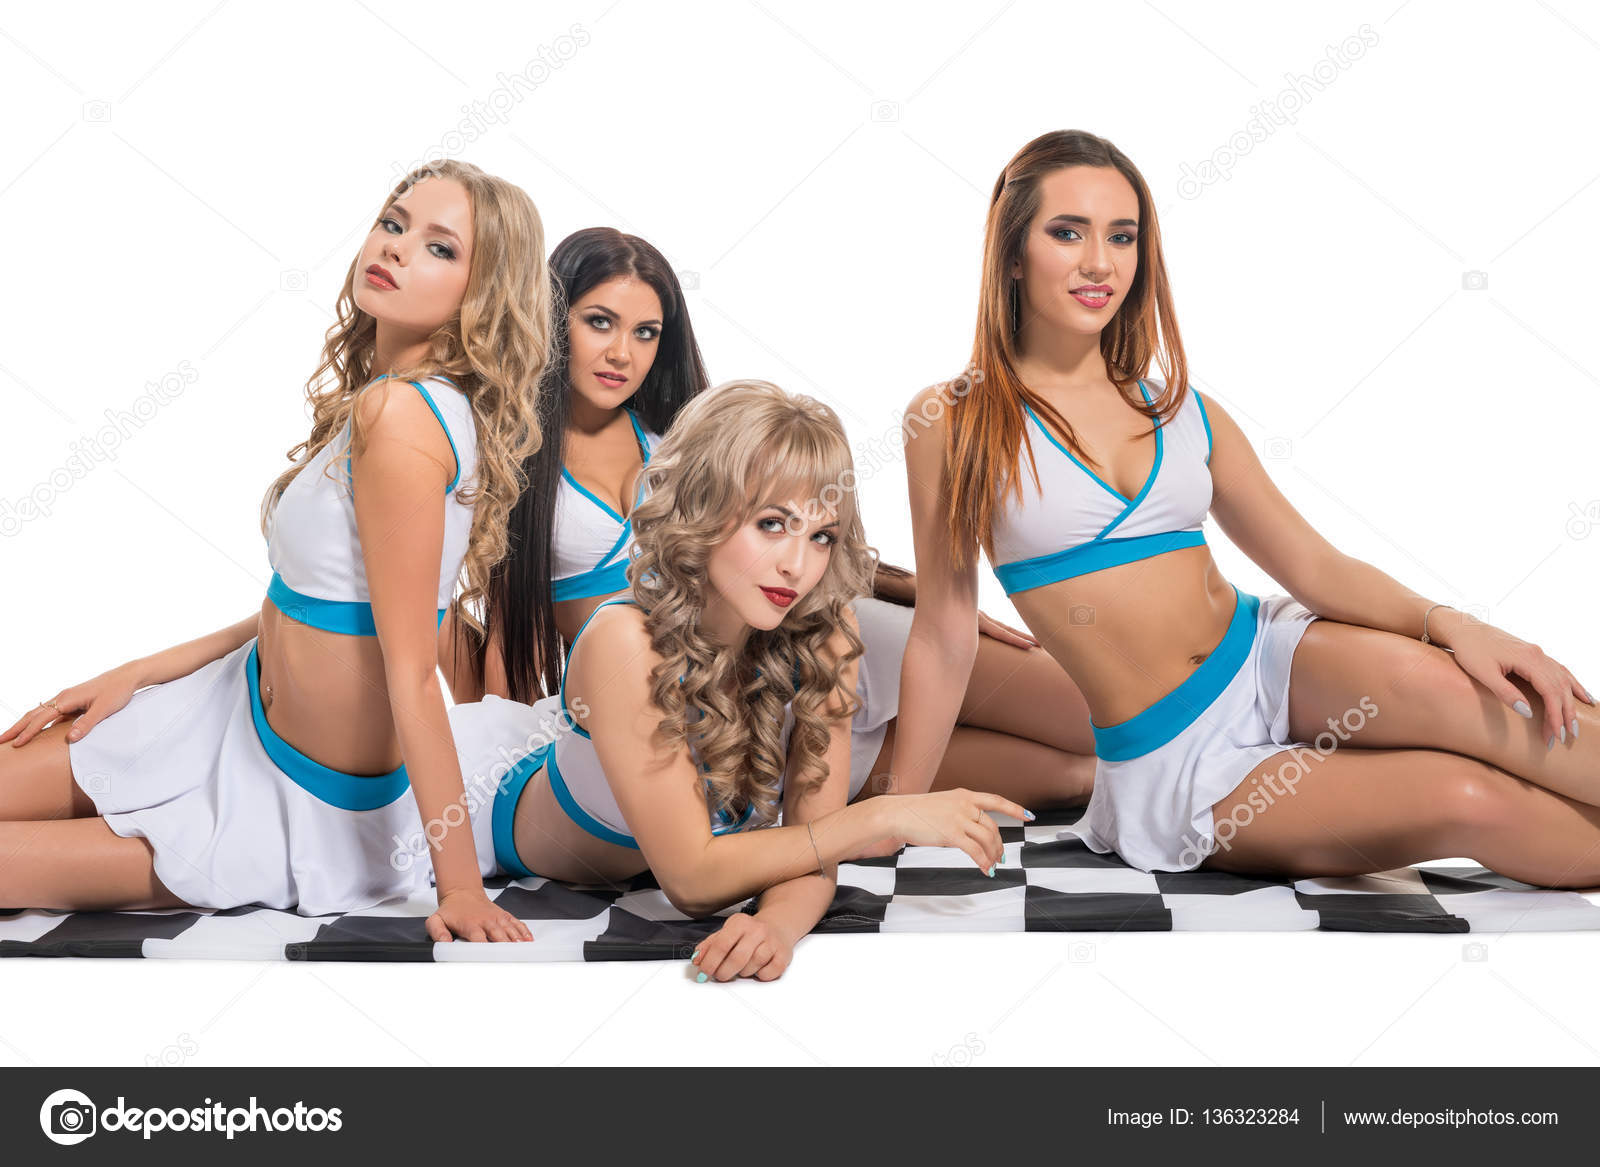 sexiga tjejer PIKS gratis stora porr filmer